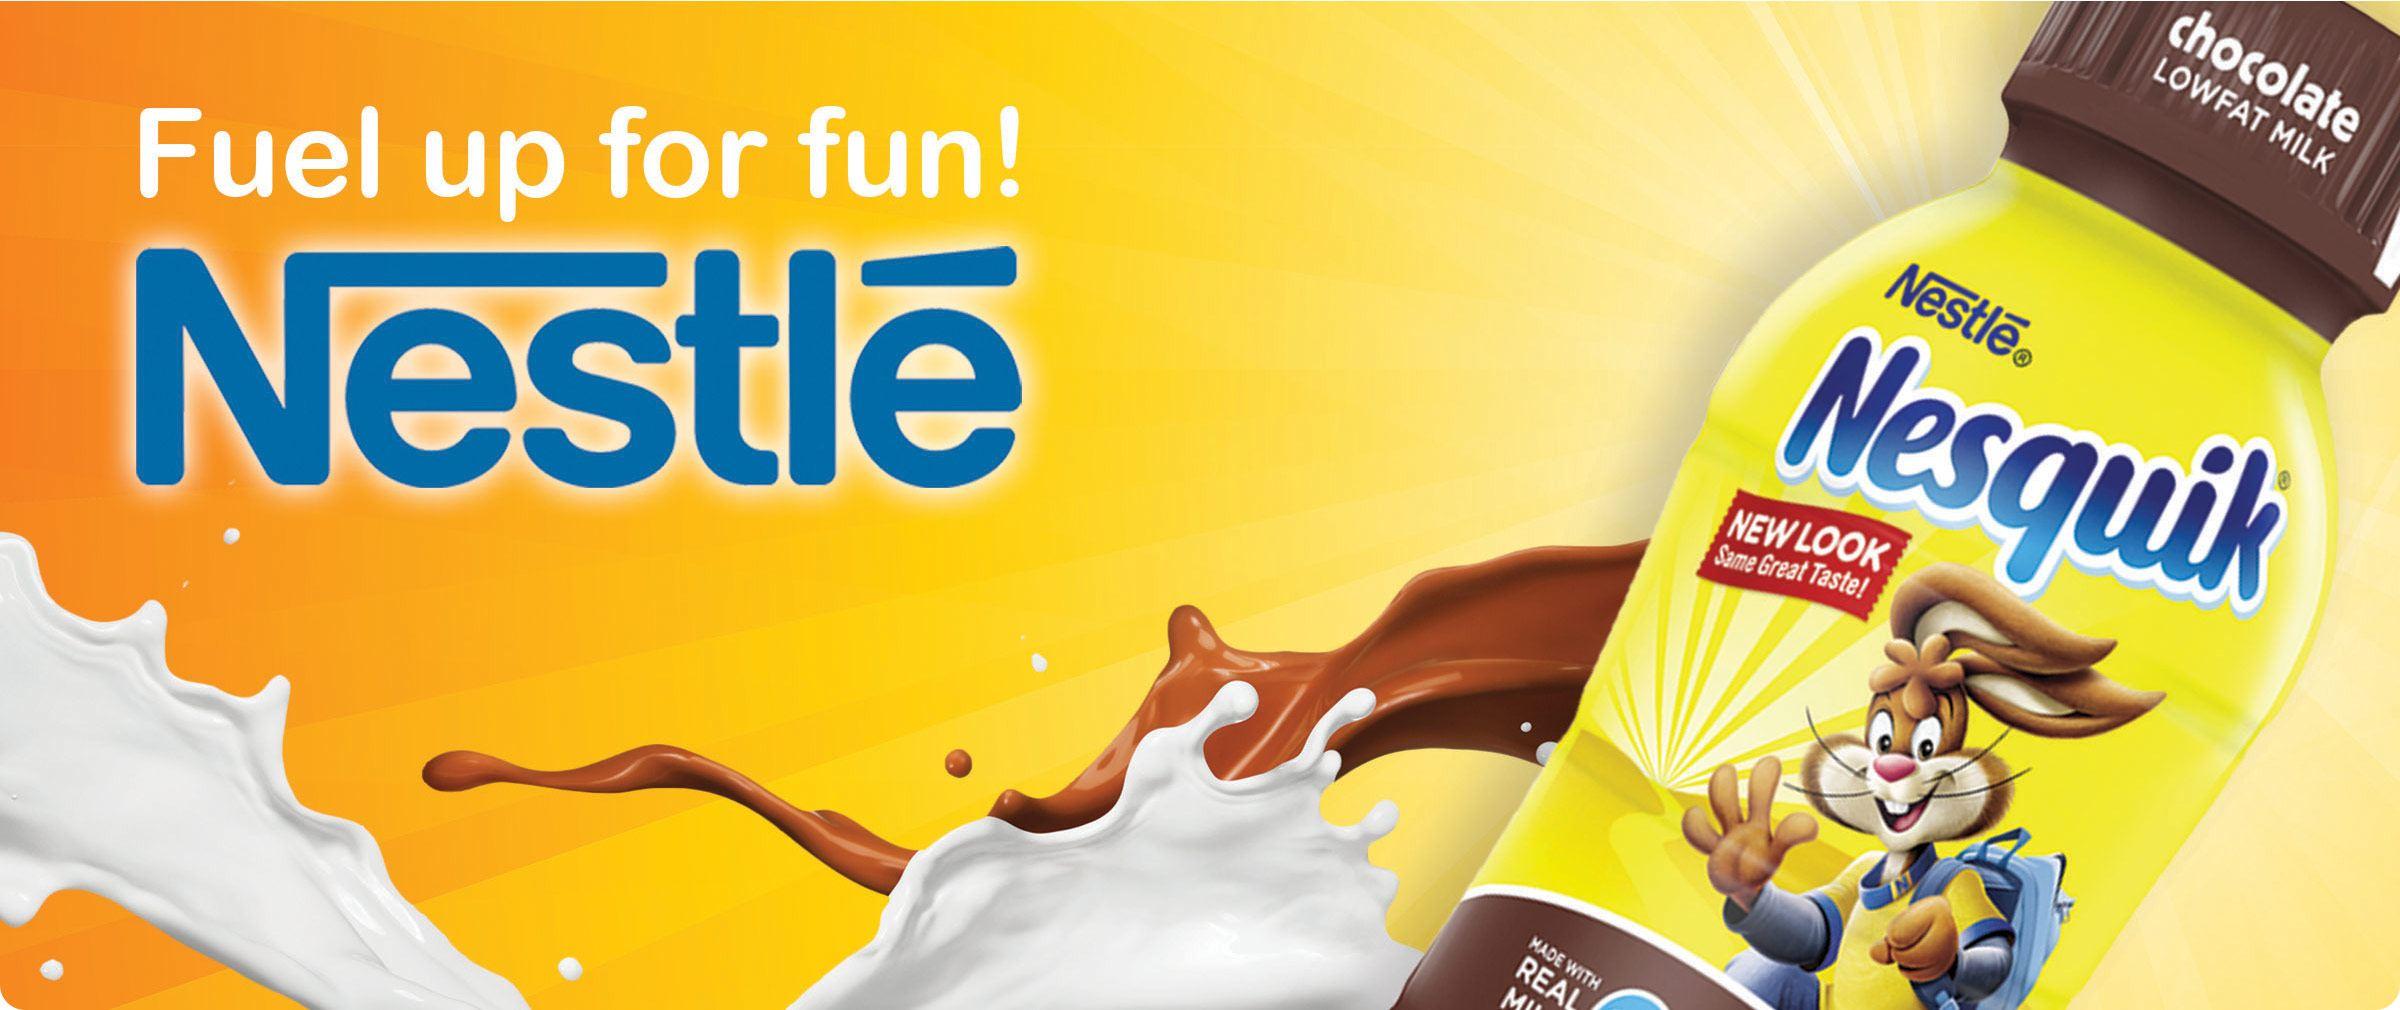 Nestle_B2S-webslider-JSF